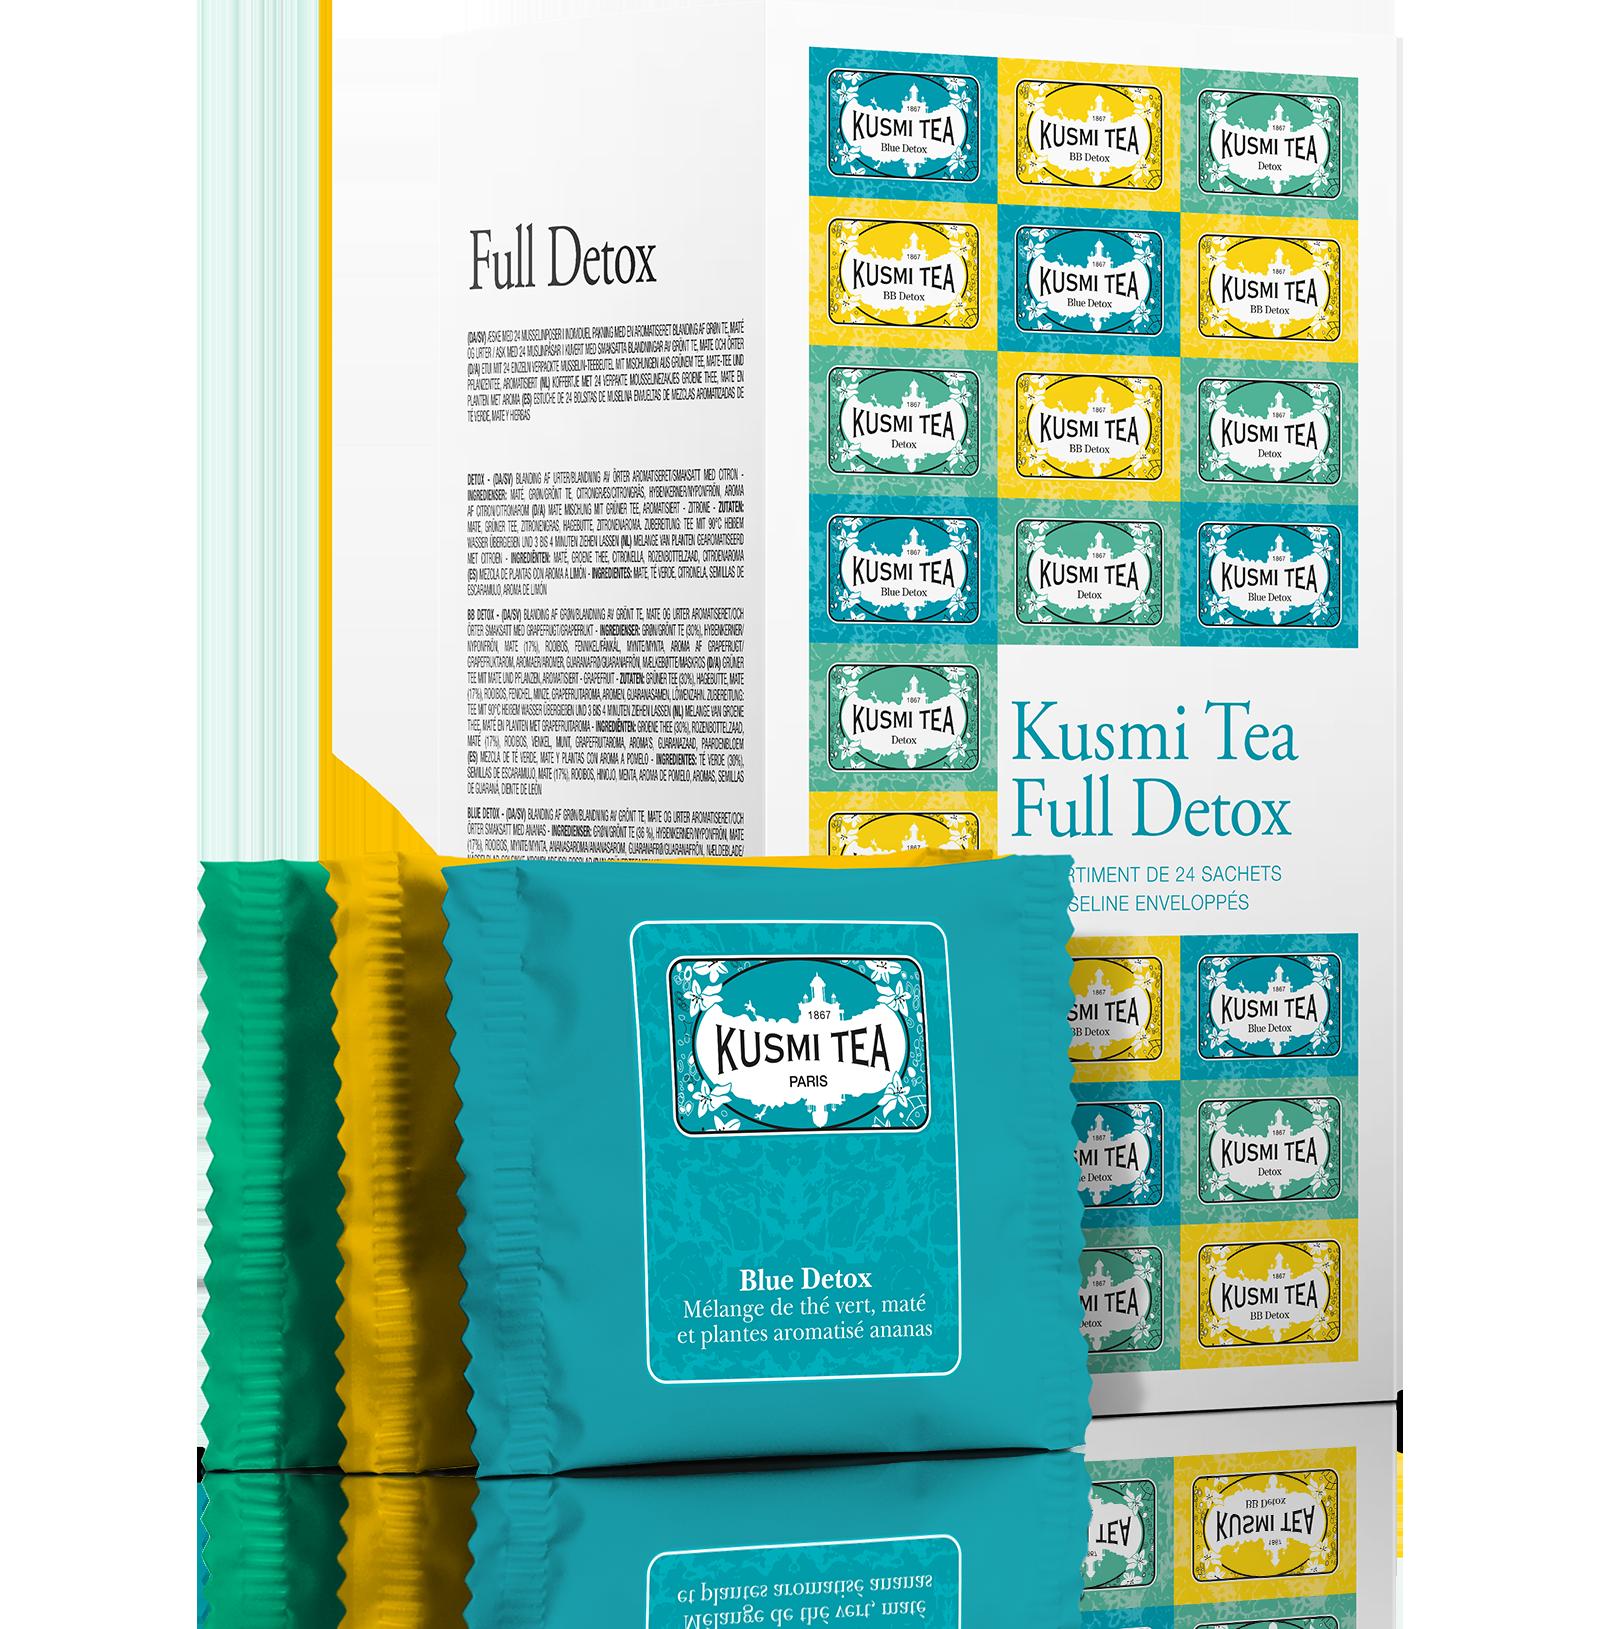 Coffret de thé - Coffret Full Detox - Kusmi Tea